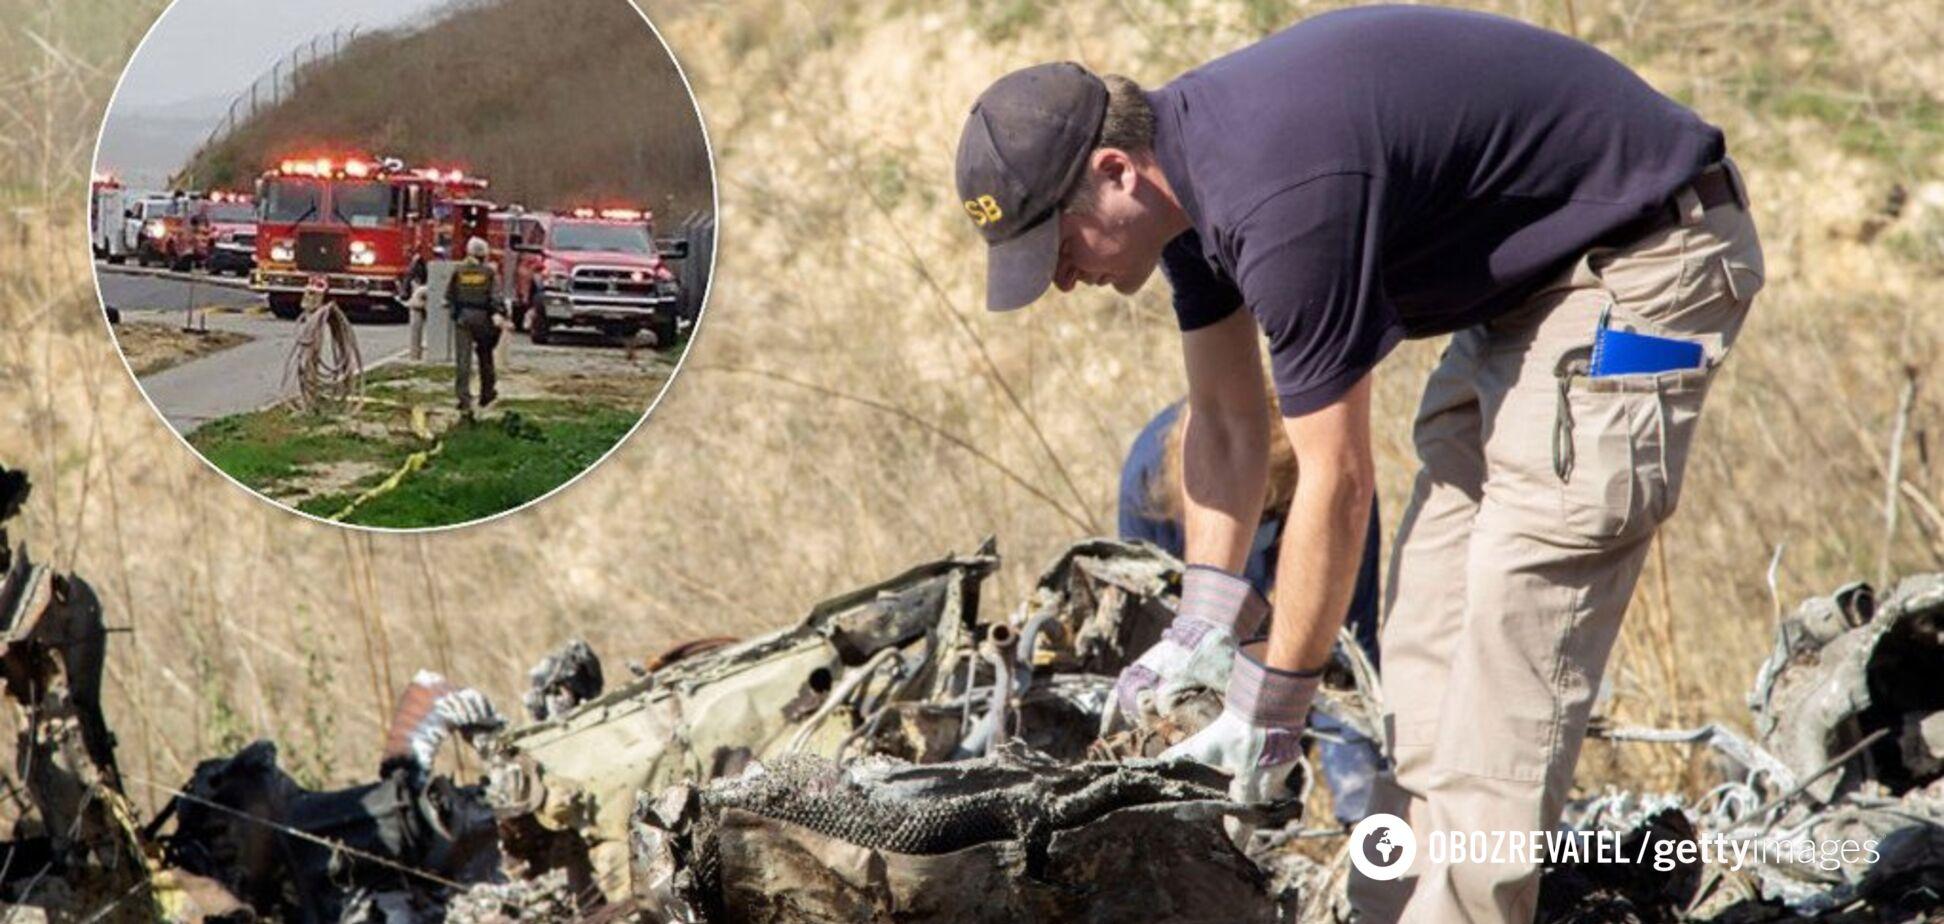 Слідчі виявили загадкове явище перед катастрофою вертольота Браянта